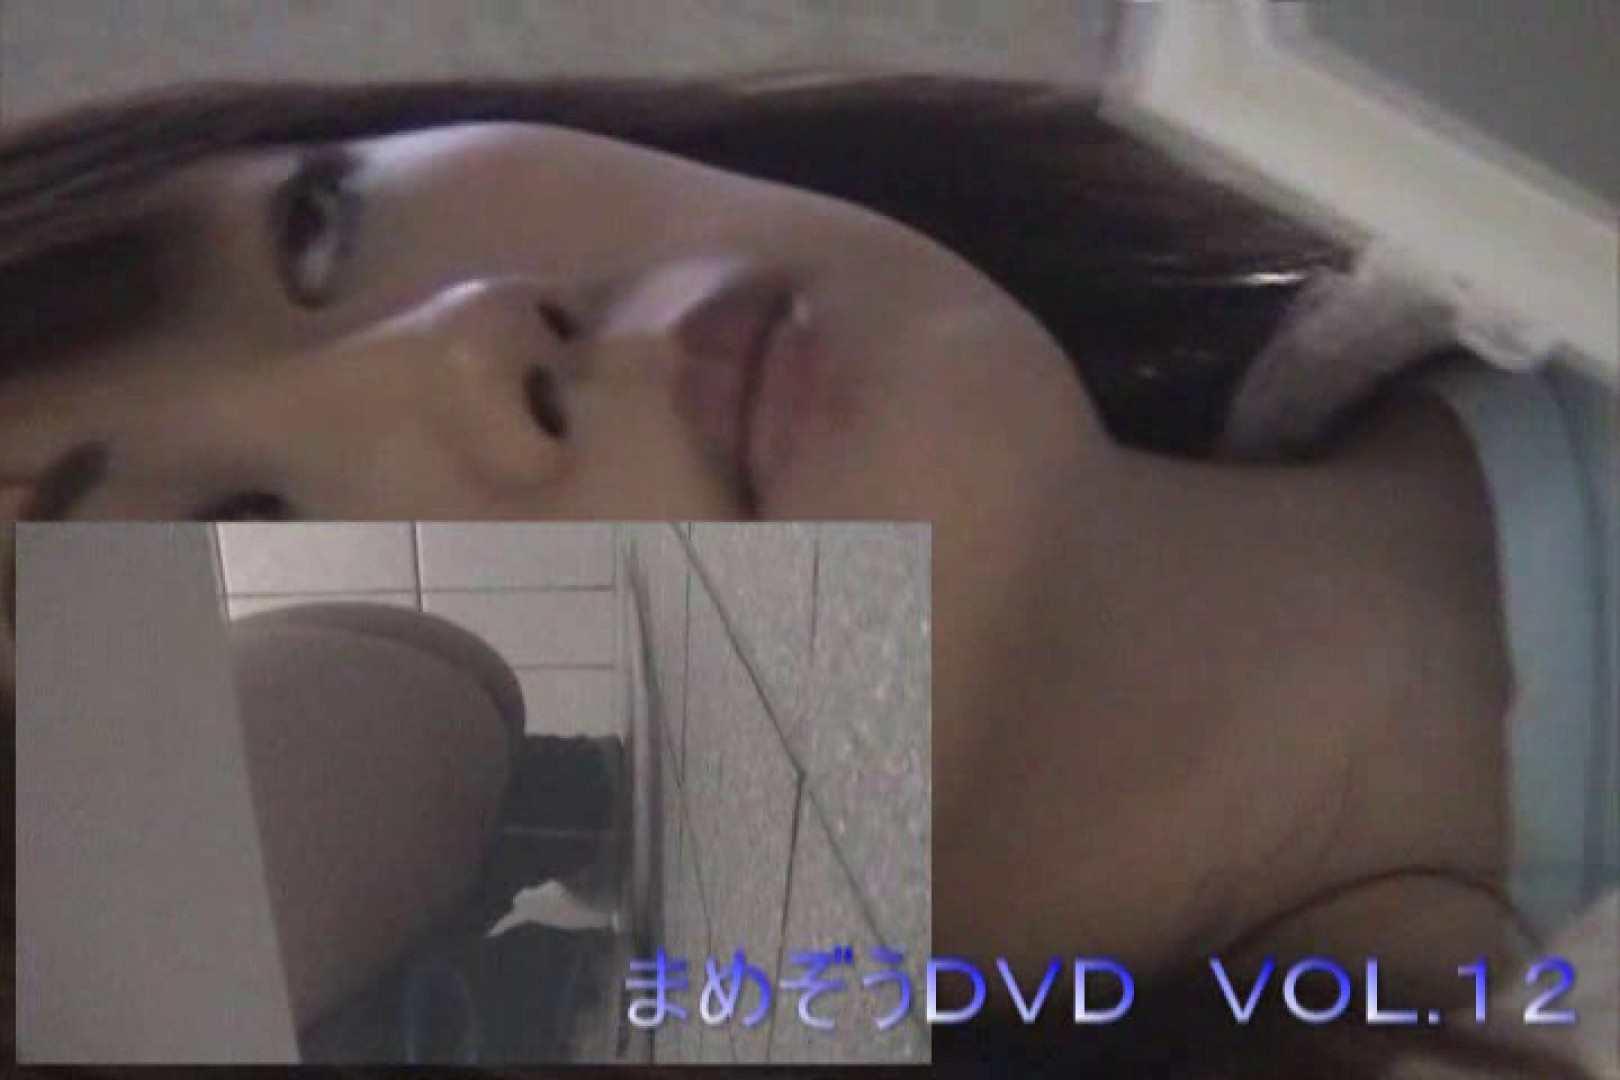 まめぞうDVD完全版VOL.12 OL   ギャル・コレクション  63連発 54